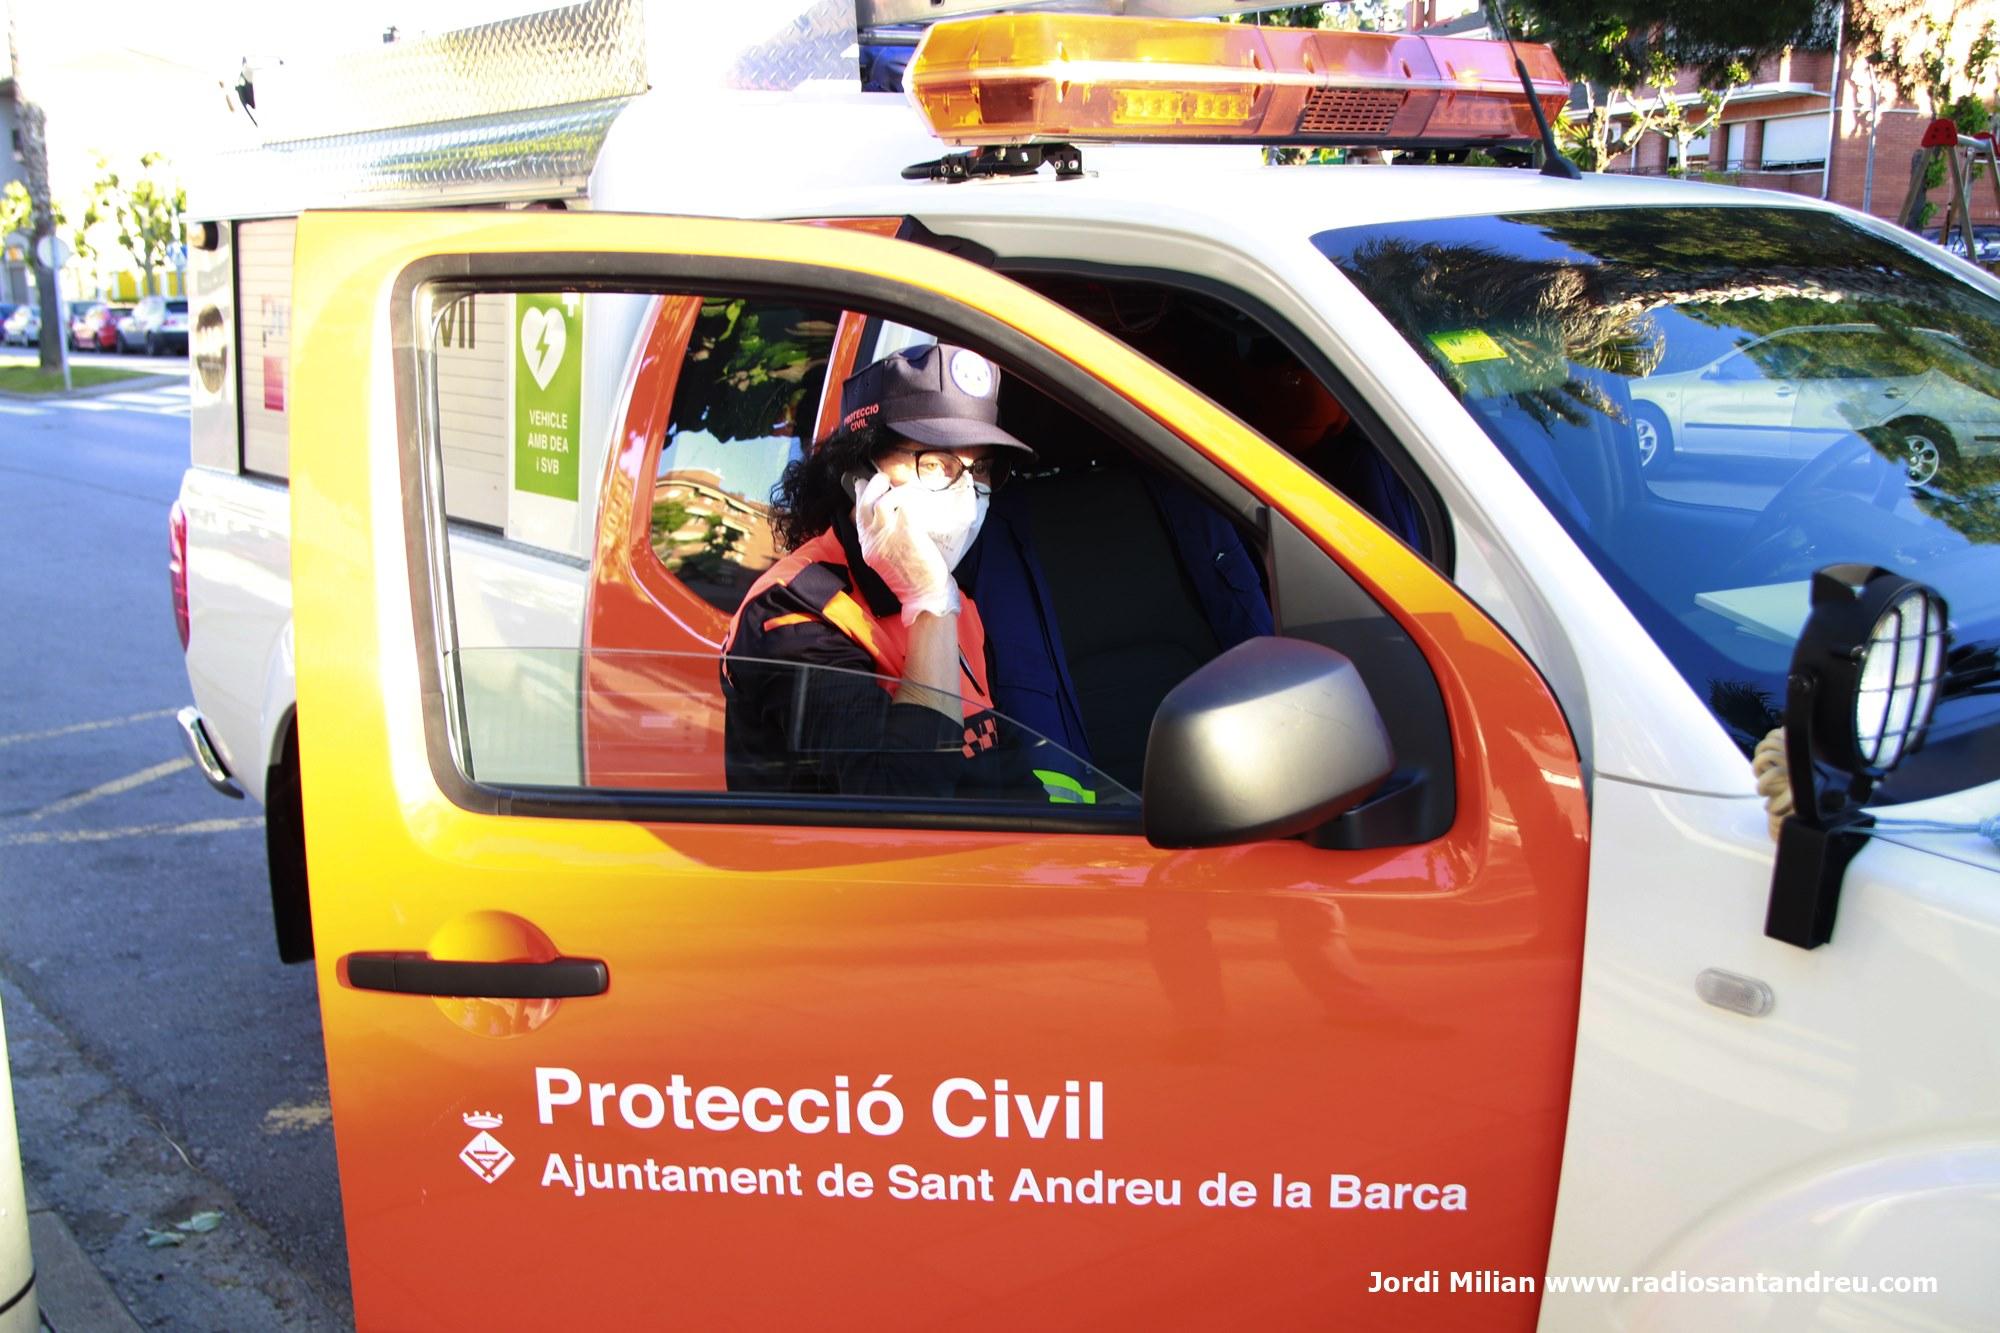 Protecció Civil SAB - 06